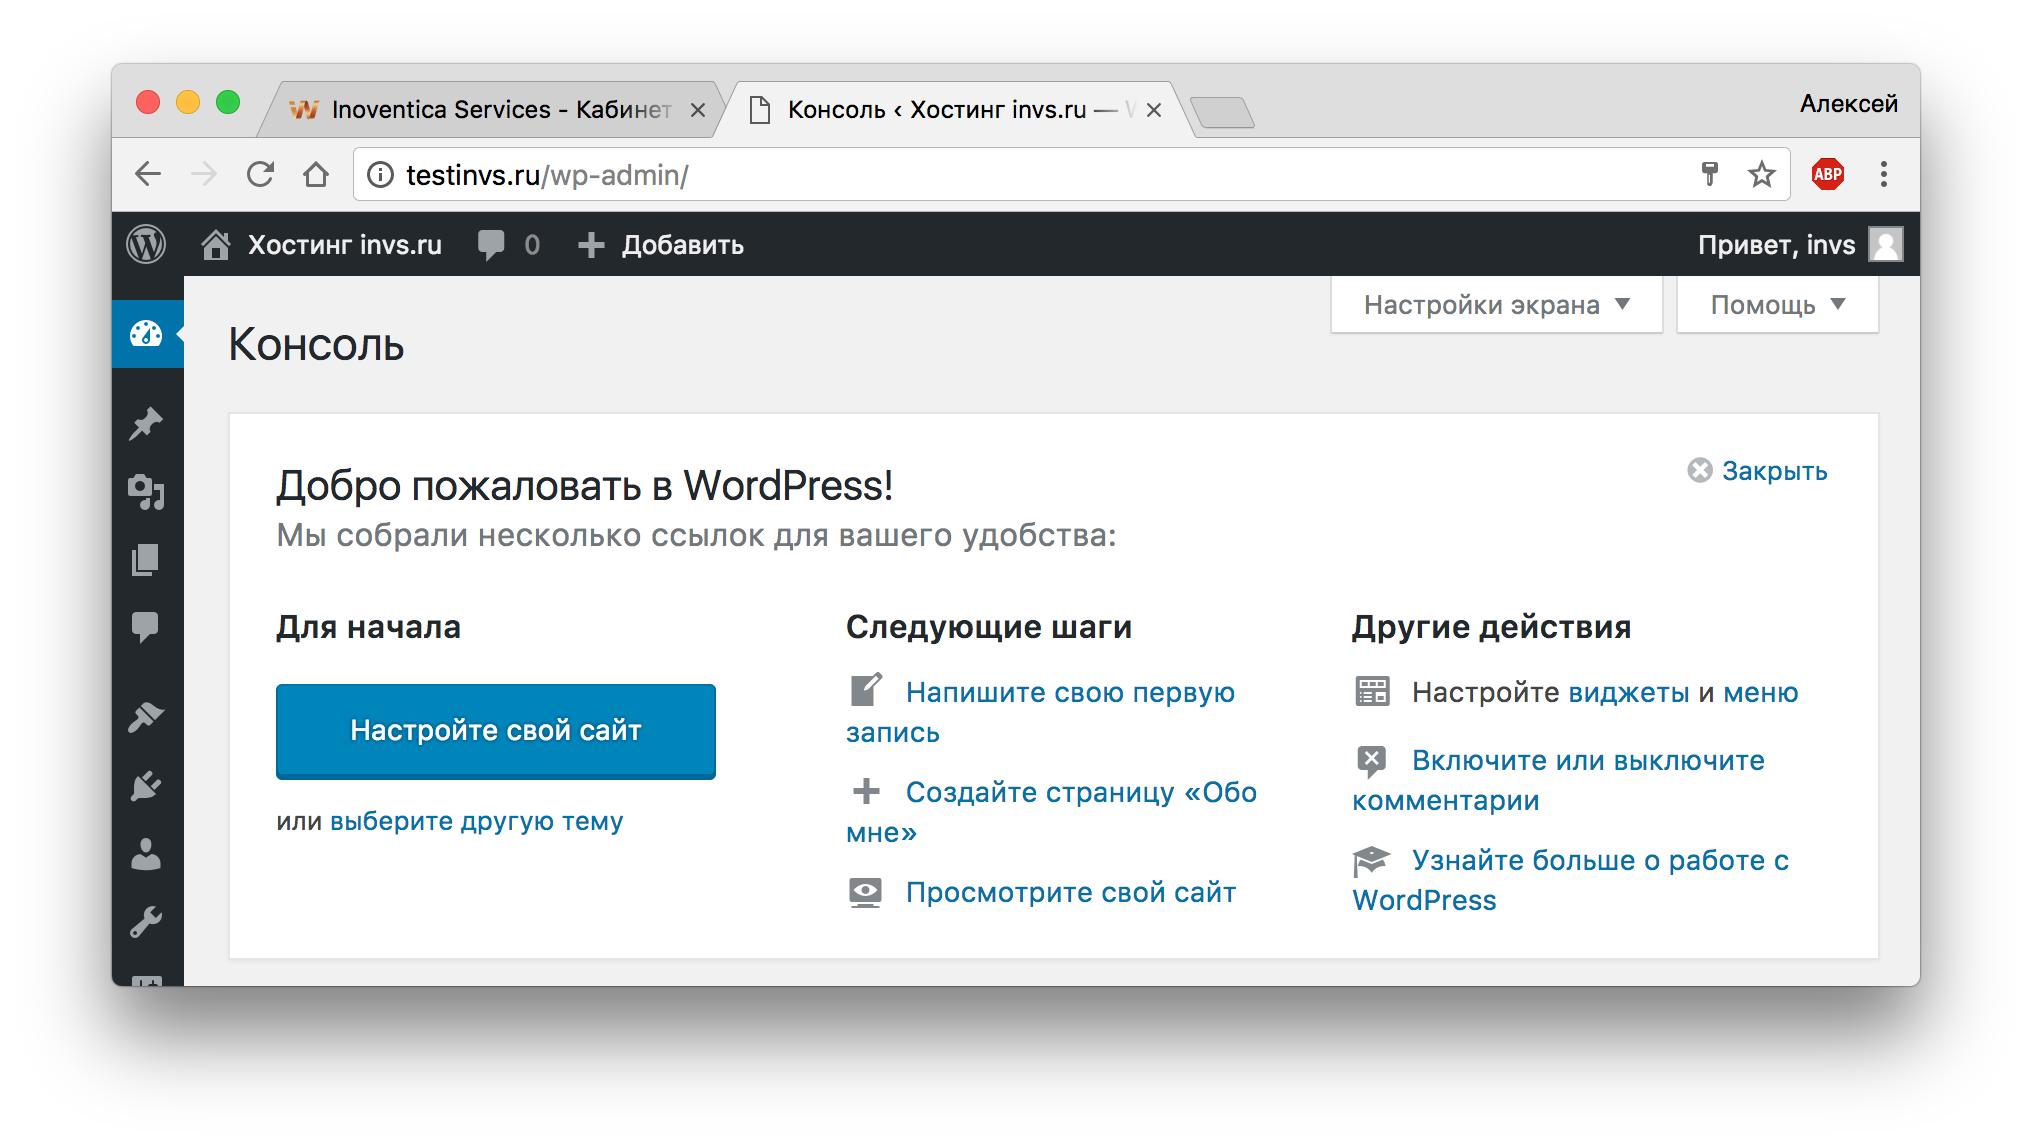 Параметры хостинга для вордпресс автоматический заработок на виртуальном хостинге отзывы